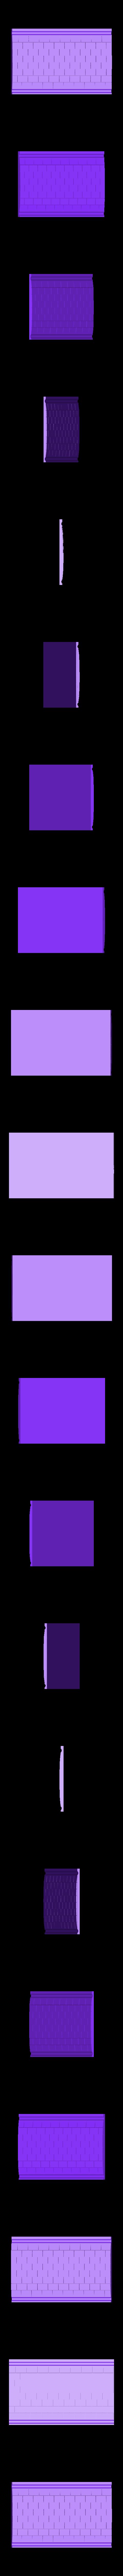 a_n_str_1.stl Télécharger fichier STL gratuit ROUTE - Ancien et neuf - Partie A • Design pour impression 3D, Earsling